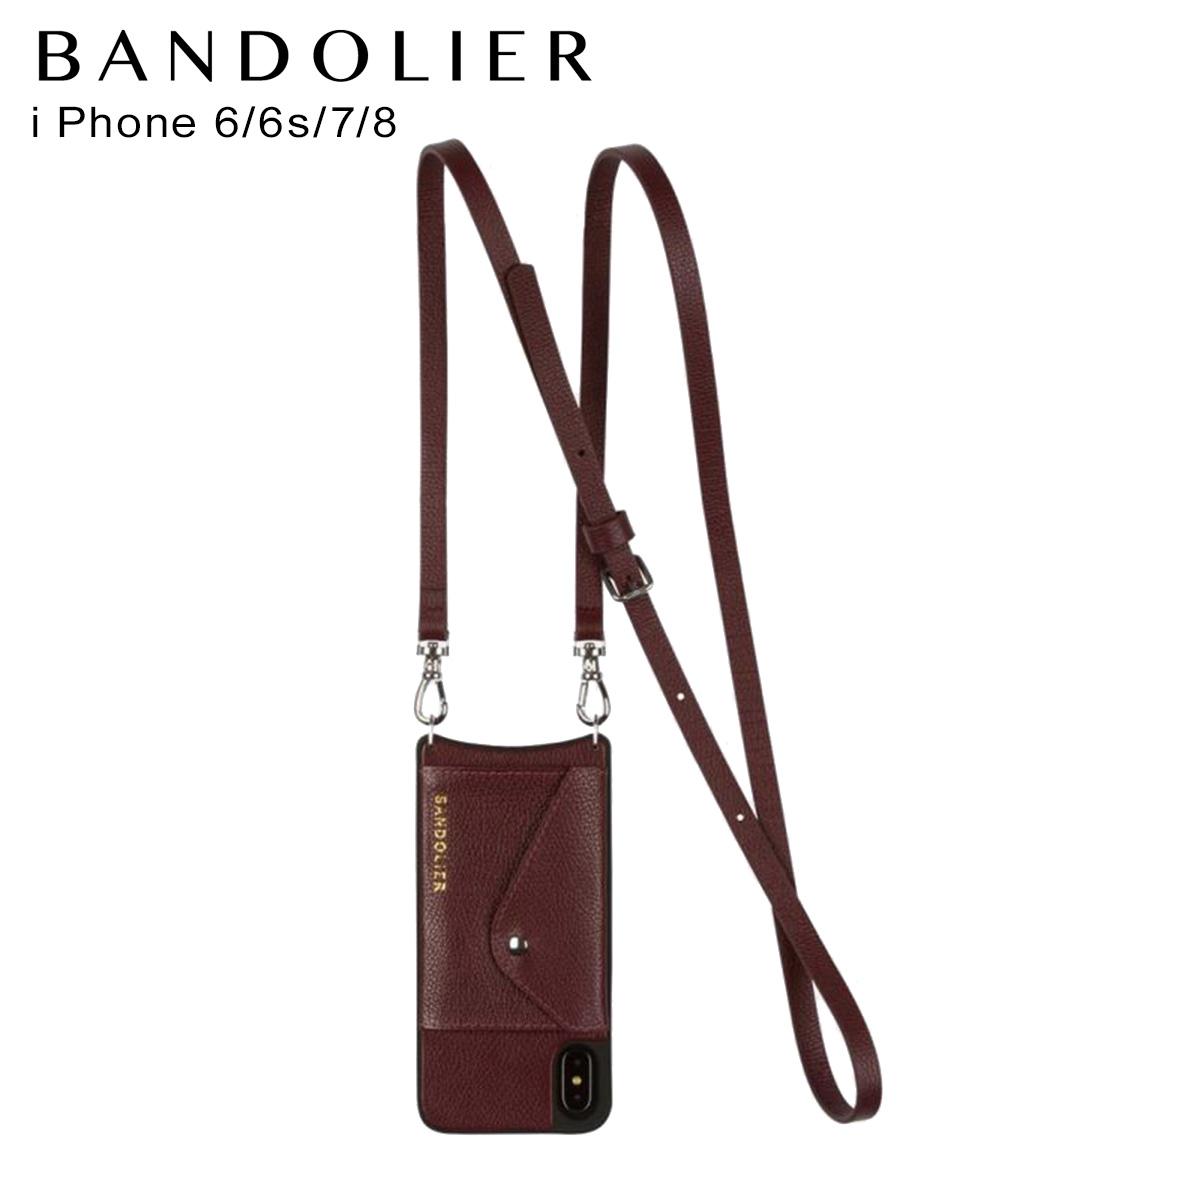 バンドリヤー BANDOLIER iPhone SE 8 7 6s 6 ケース スマホ 携帯 アイフォン レディース DONNA SIDE SLOT WINE ワイン 14don